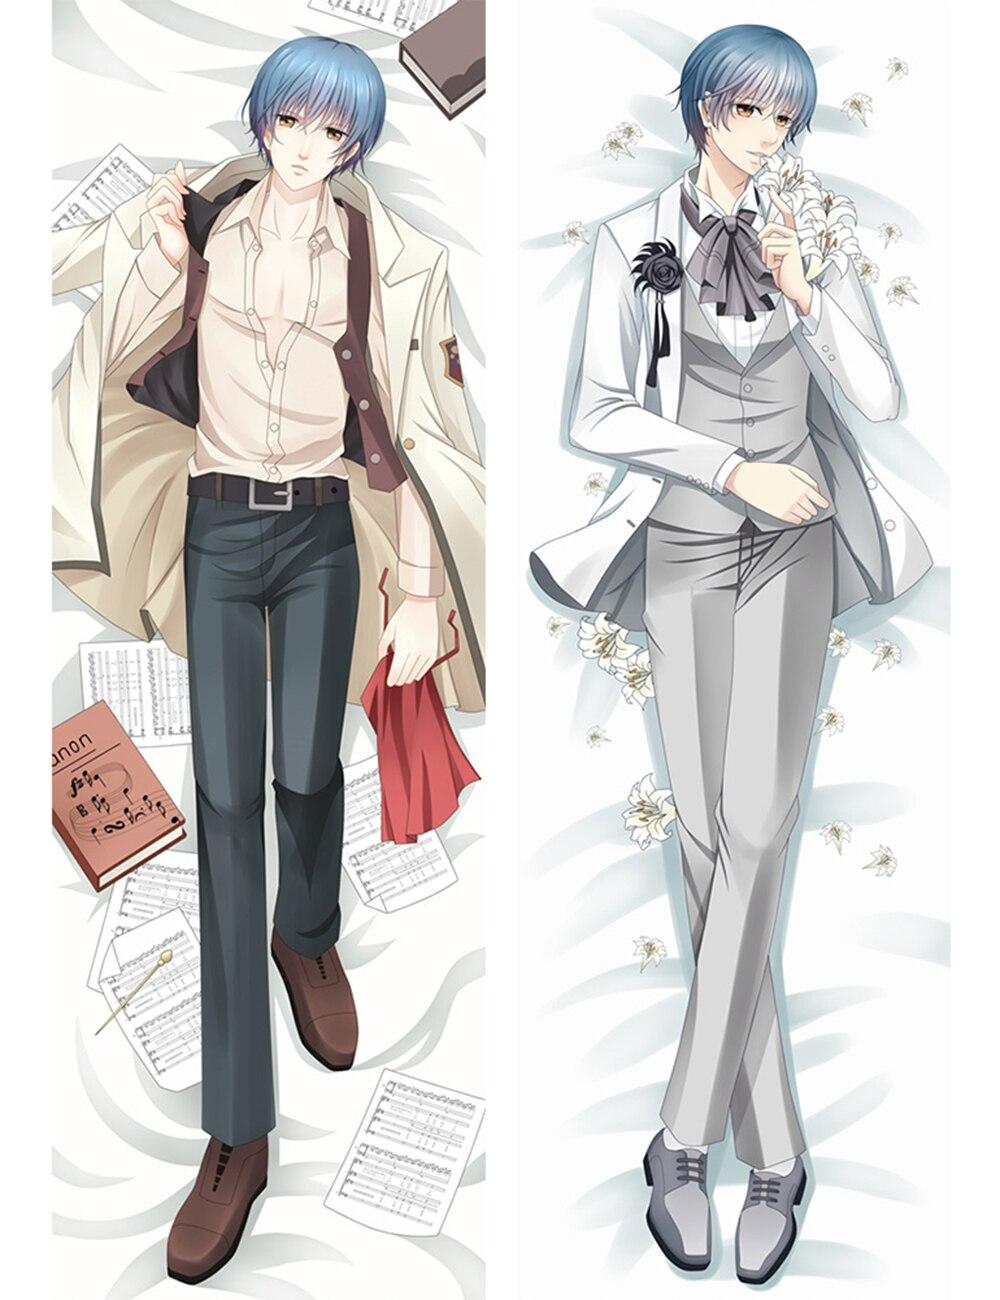 Funda de almohada grande de Anime japonés Corda Tsukimori Len para hombre, funda de cama BL Dakimakura, fundas de almohada 68083